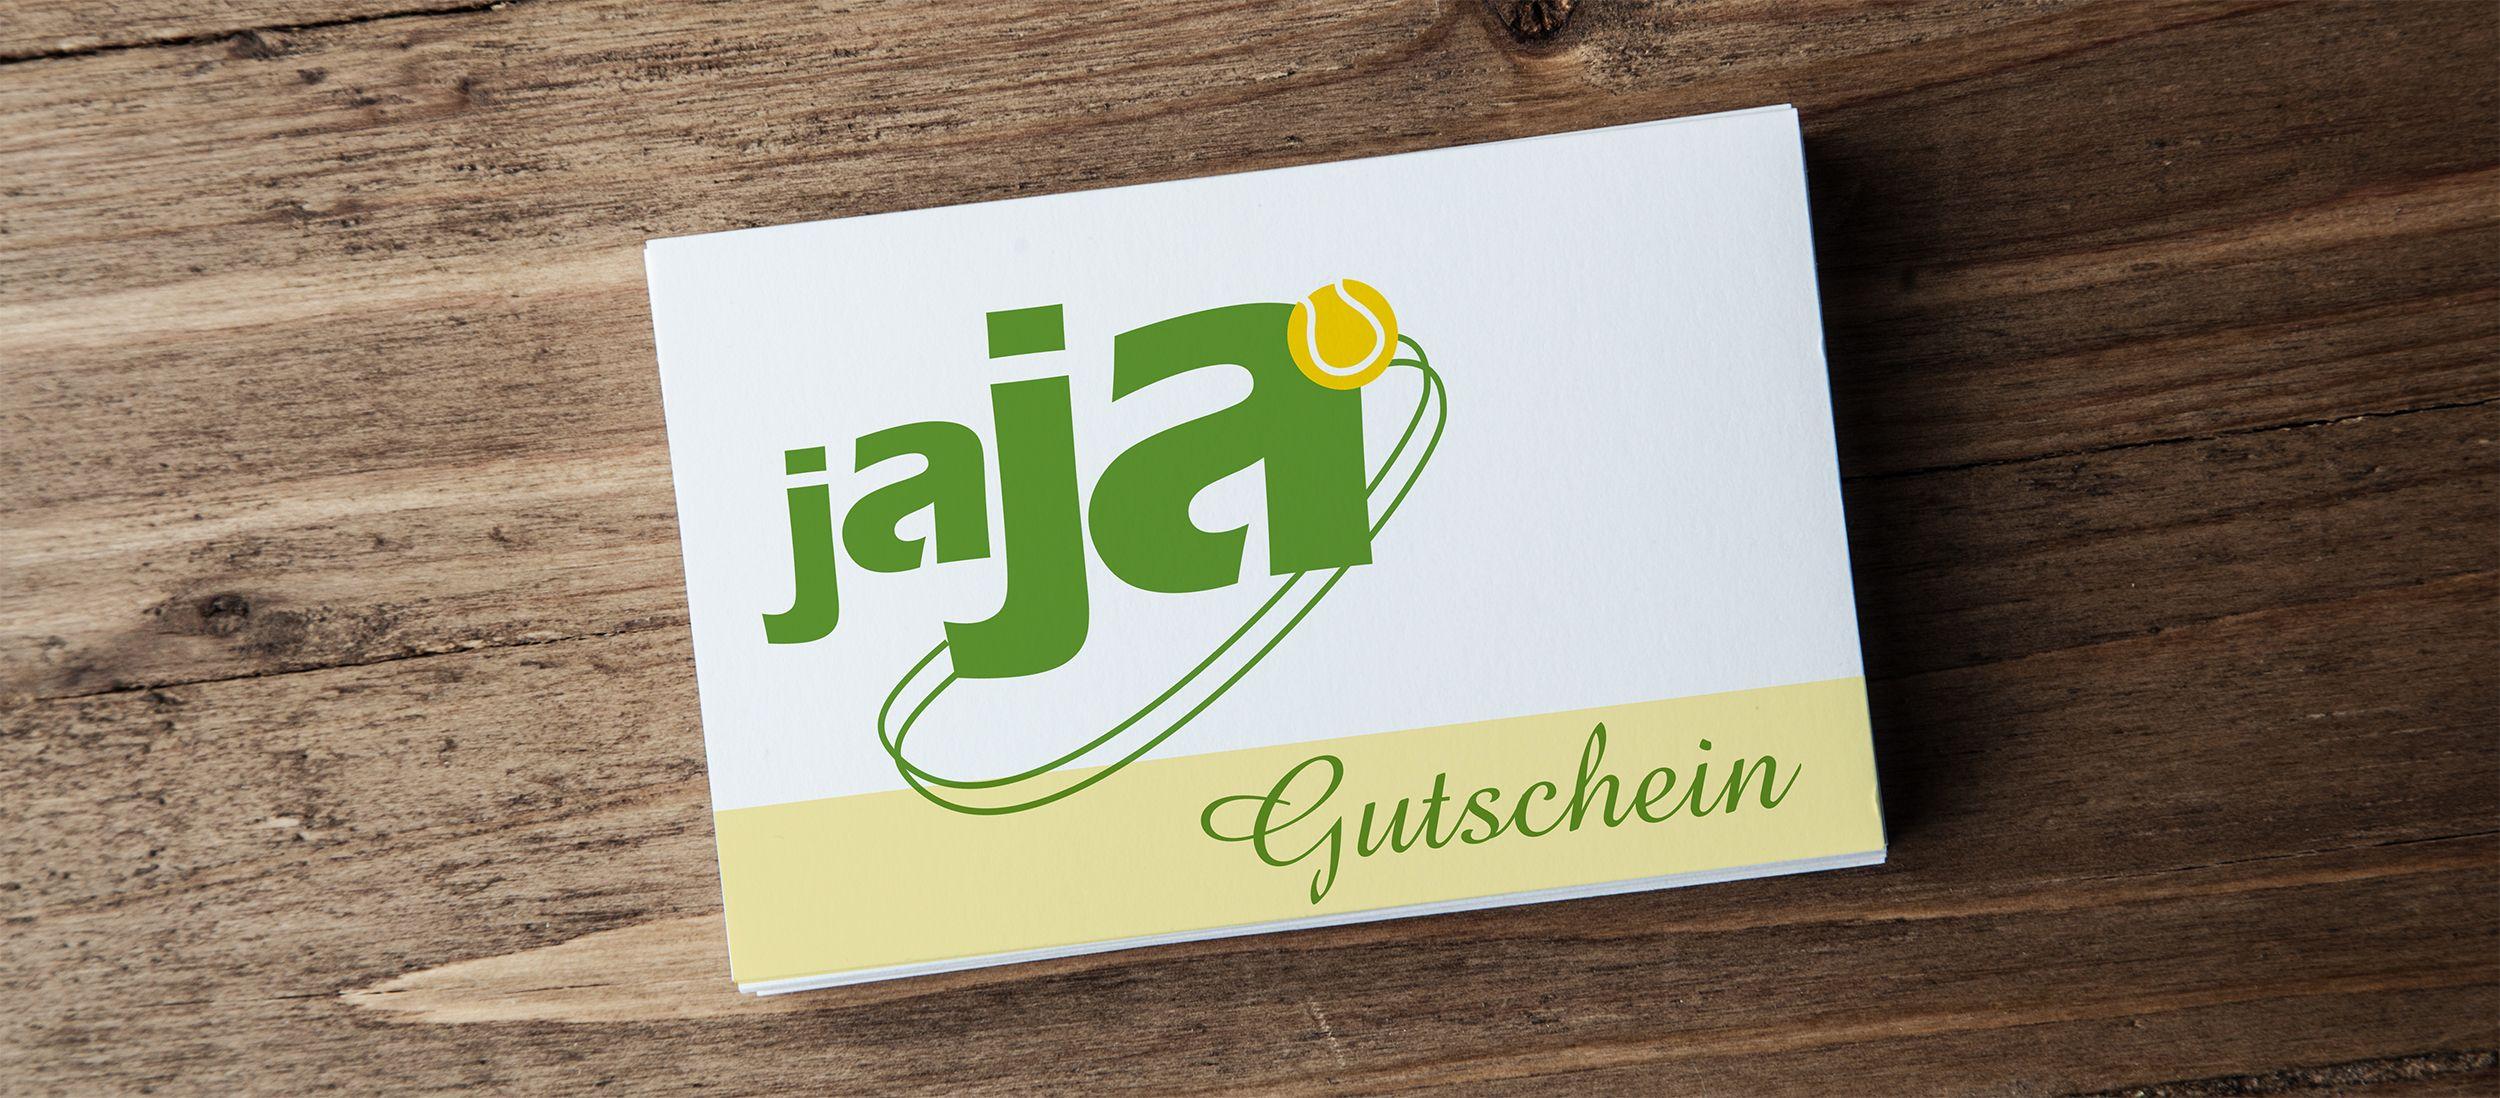 jaja-Gutschein